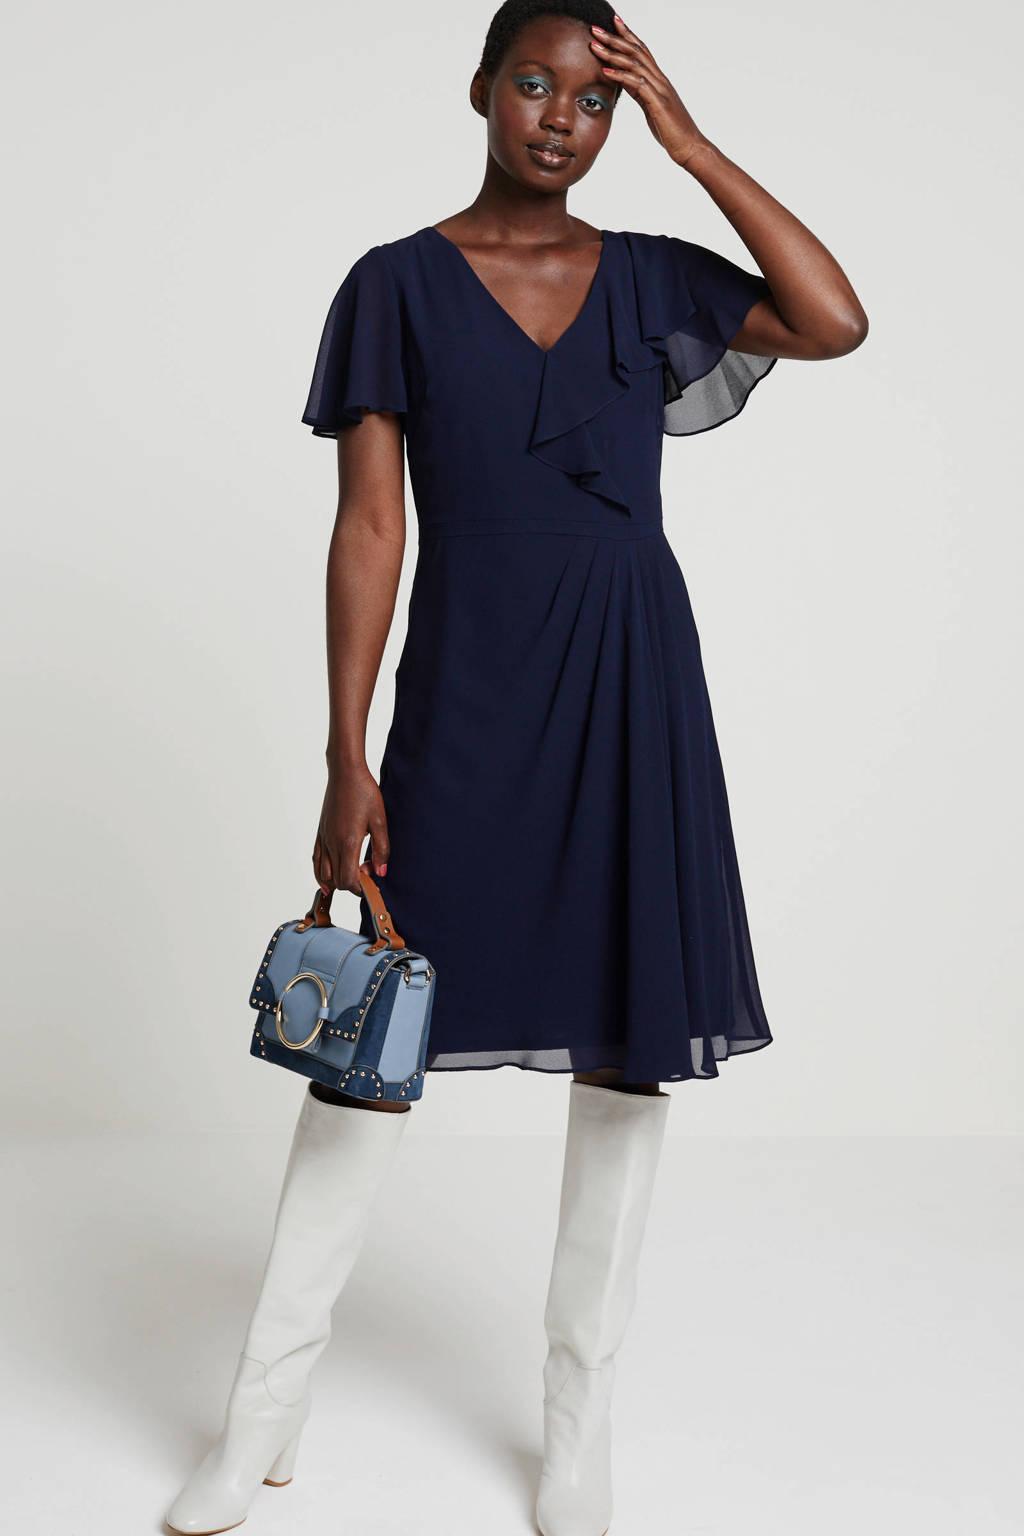 Lauren Ralph Lauren Cutler jurk donkerblauw met volant en plooi detail, Donkerblauw